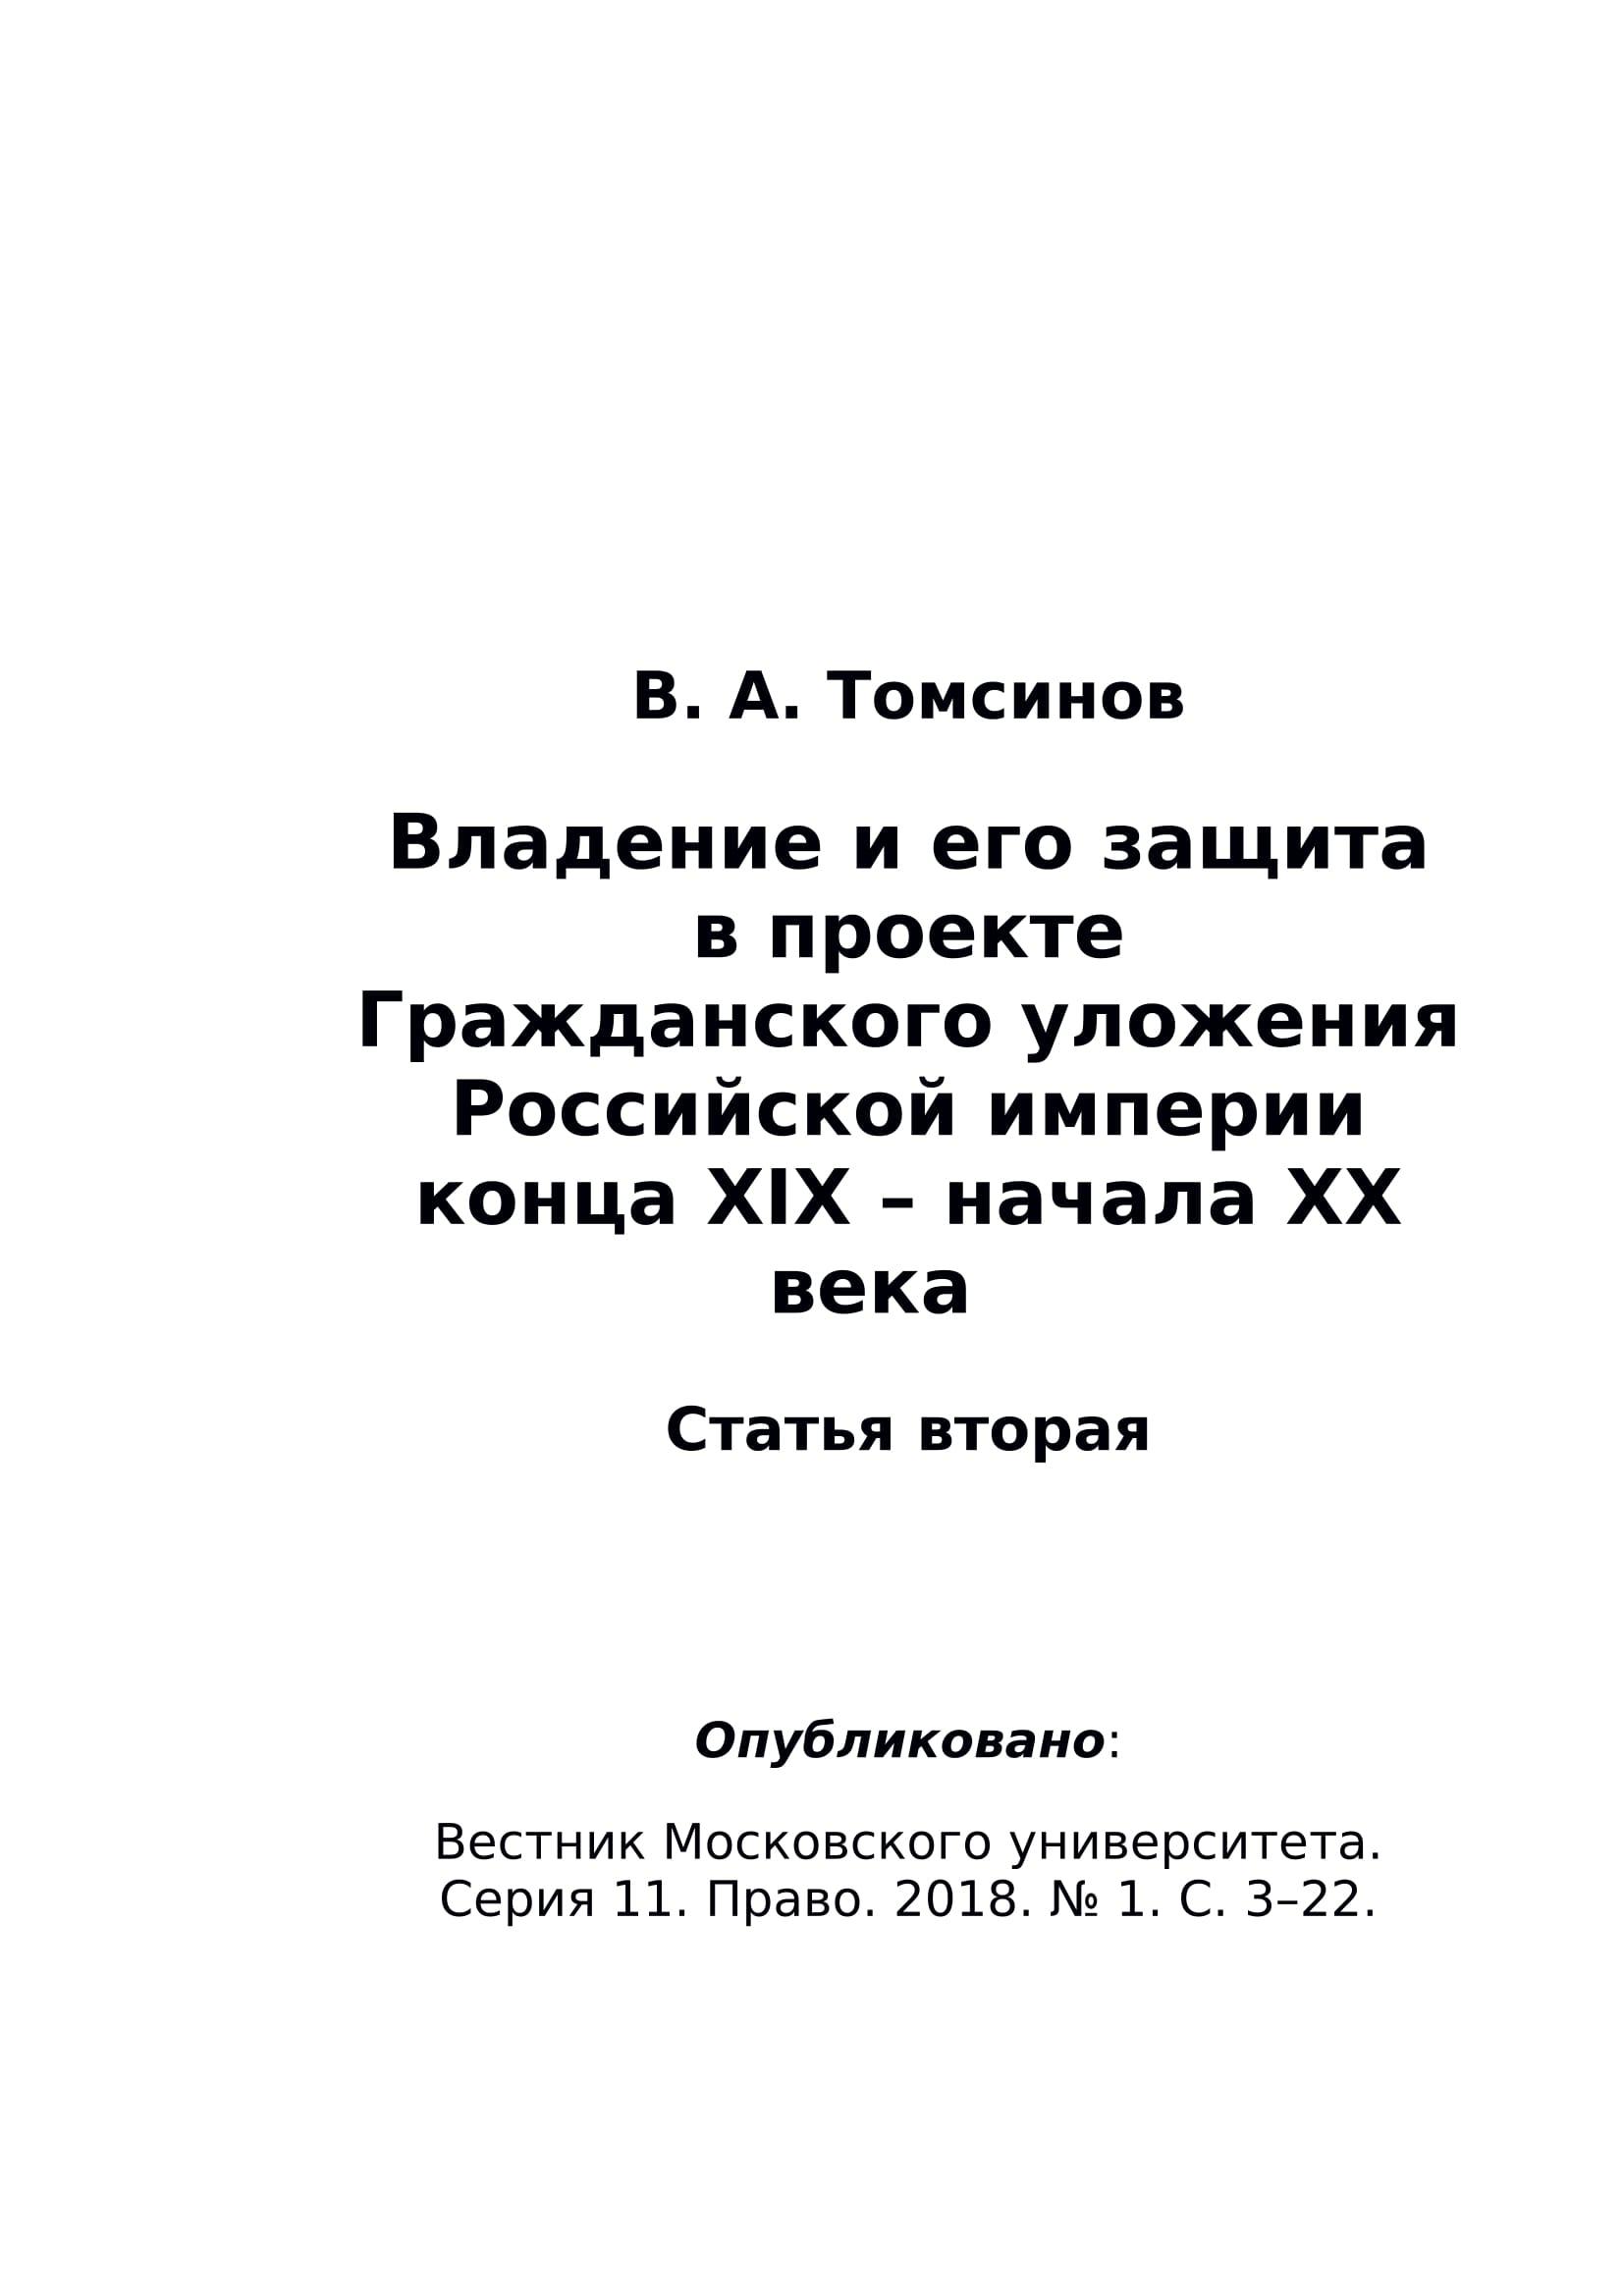 Владение и его защита в проекте Гражданского уложения Российской империи конца XIX – начала ХХ века